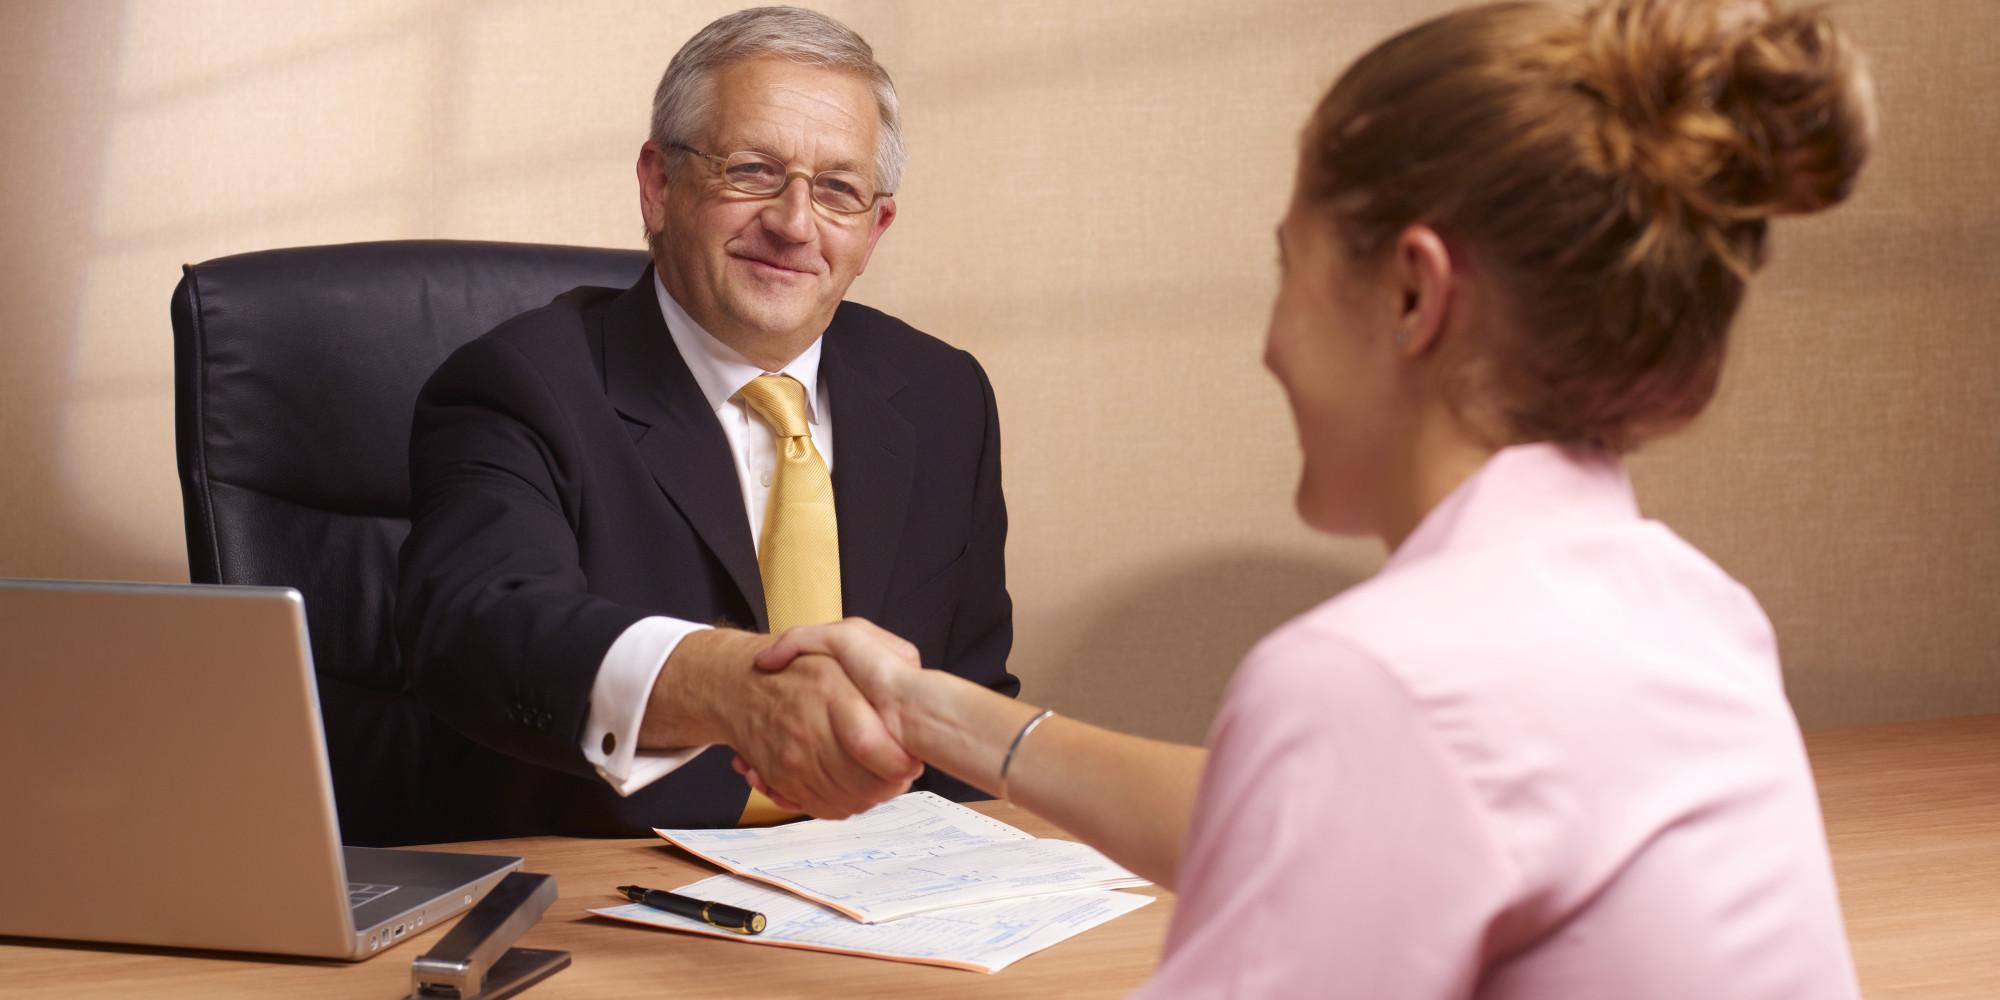 Job interview Nude Photos 17